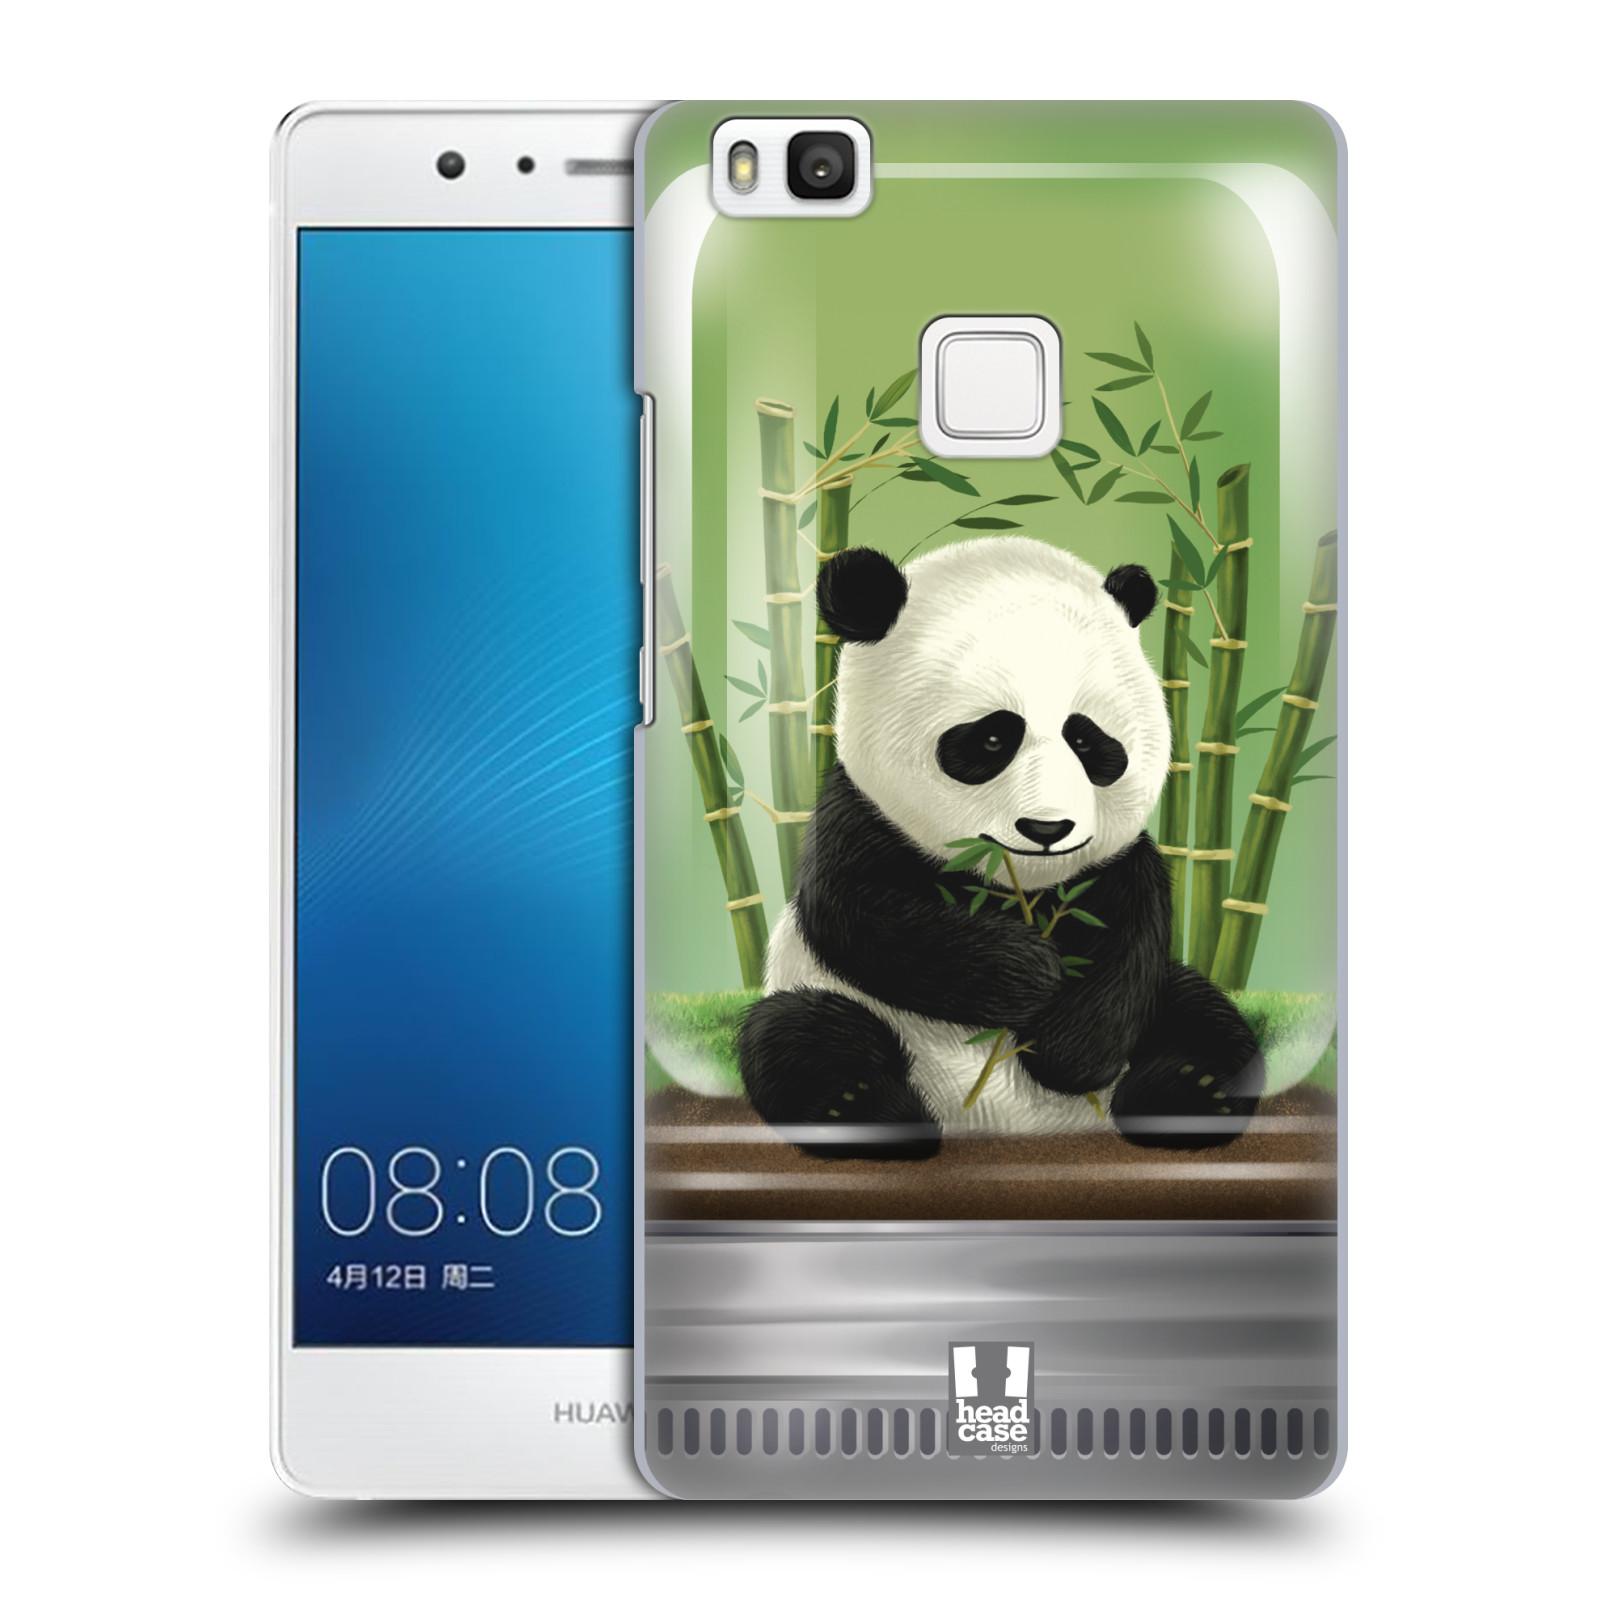 HEAD CASE plastový obal na mobil Huawei P9 LITE / P9 LITE DUAL SIM vzor Zvířátka v těžítku panda